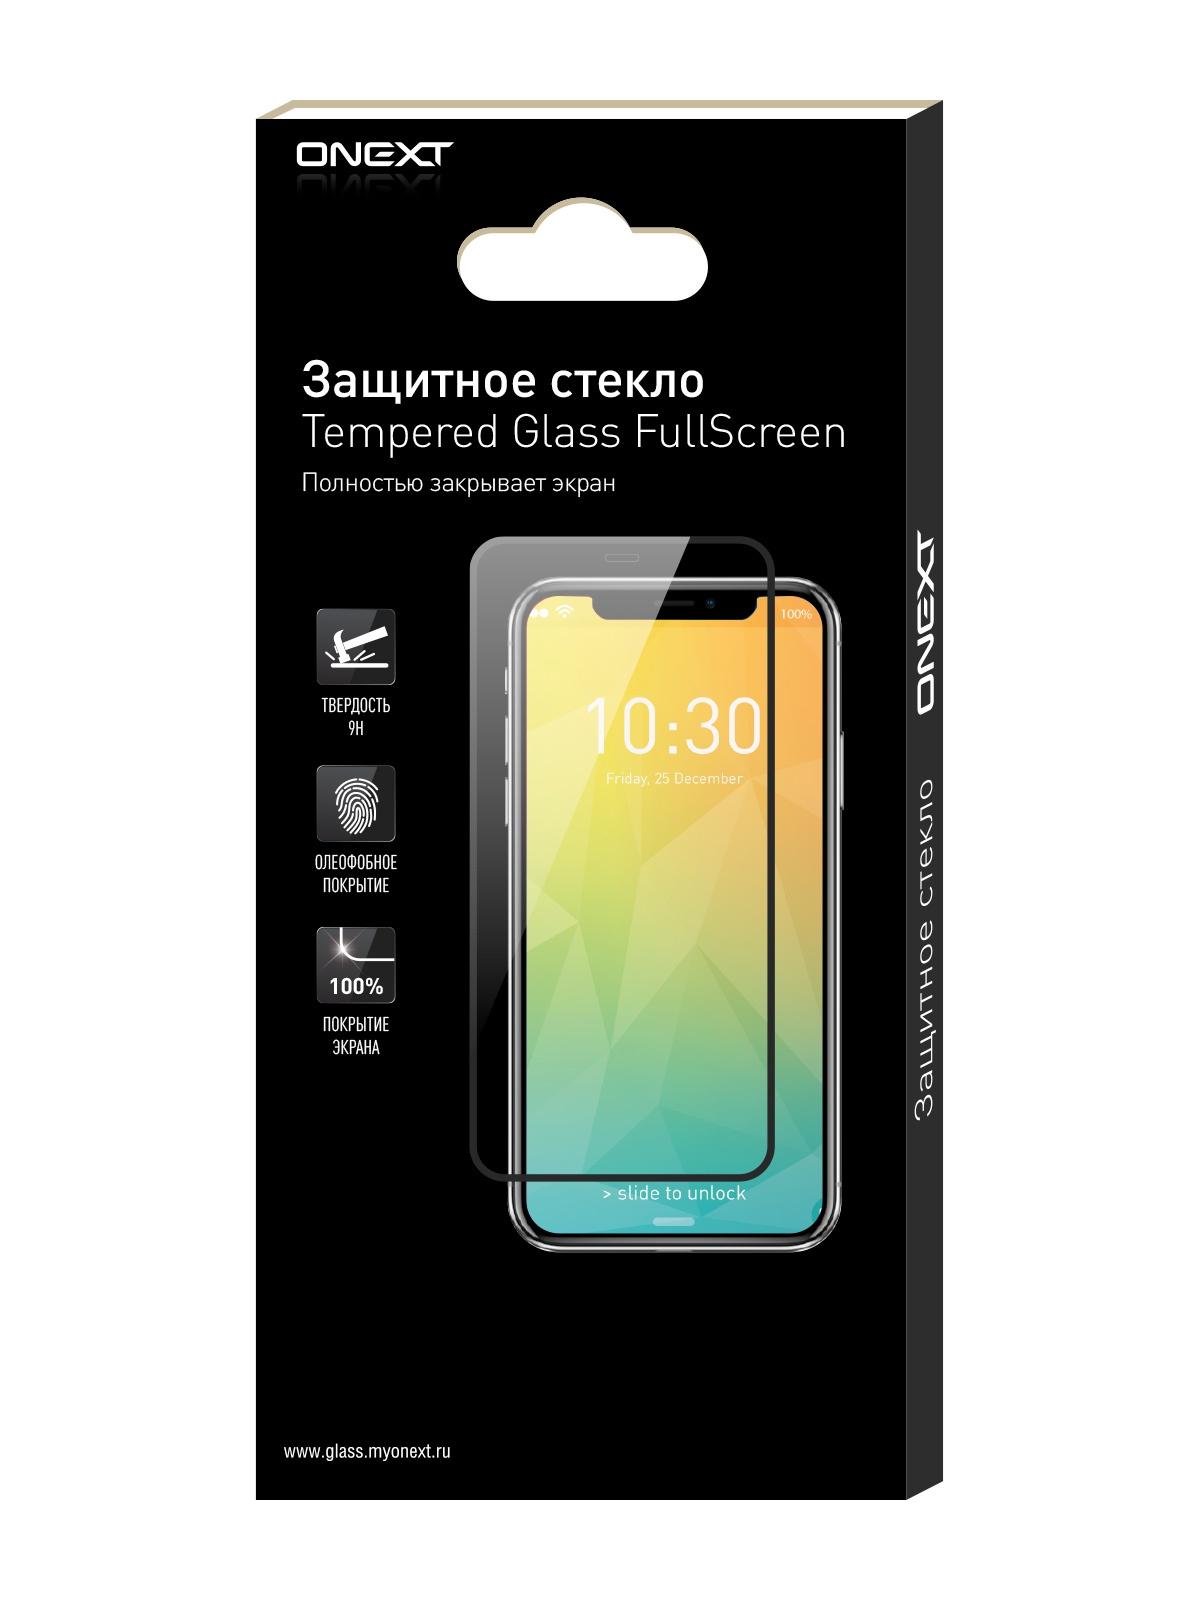 Защитное стекло ONEXT Huawei P9 Lite с рамкой защитное стекло onext для huawei p10 lite 641 41432 с рамкой белый